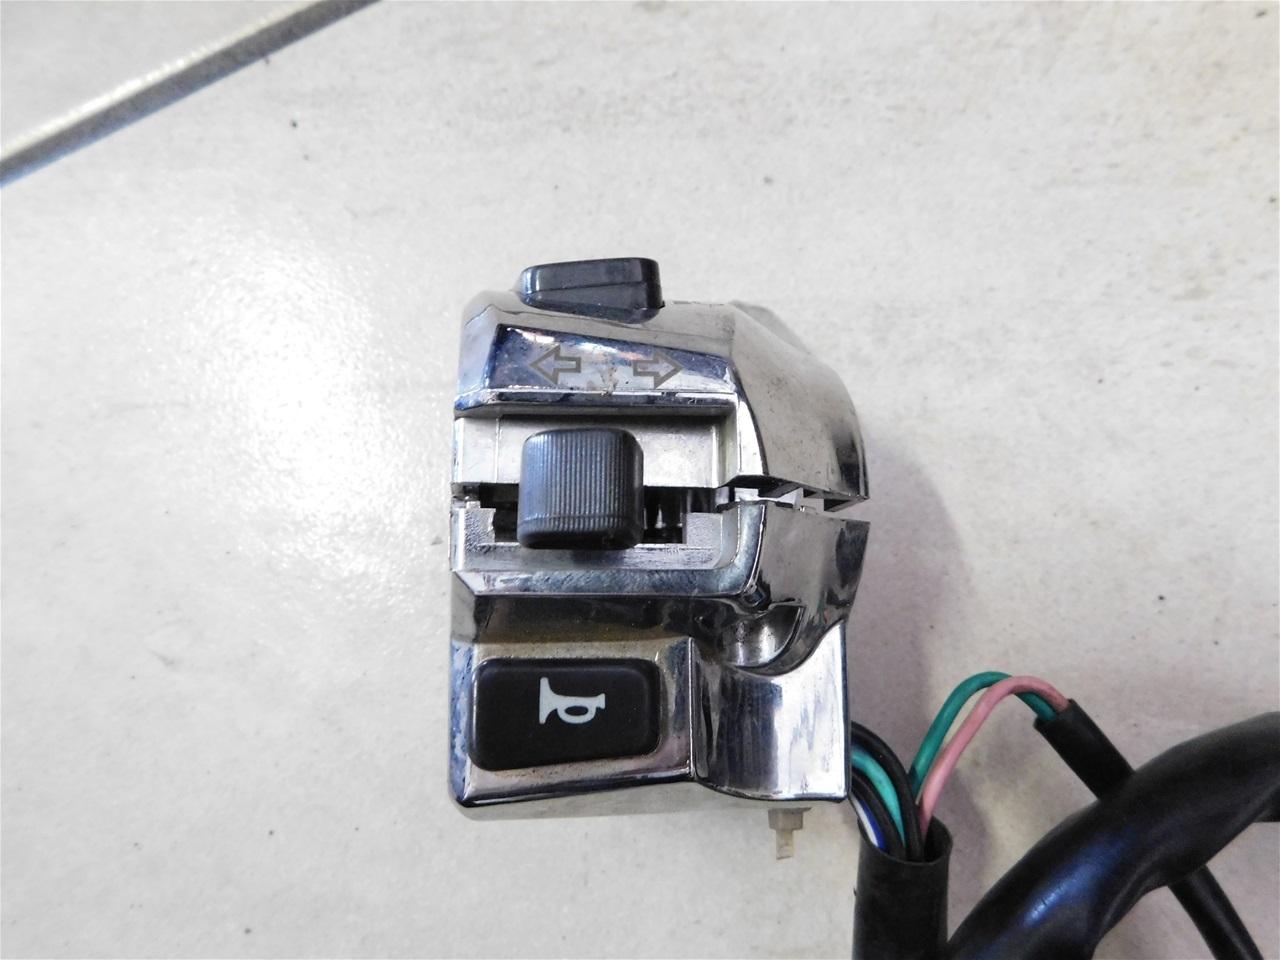 AA7.11 Regal Raptor 350 left switch